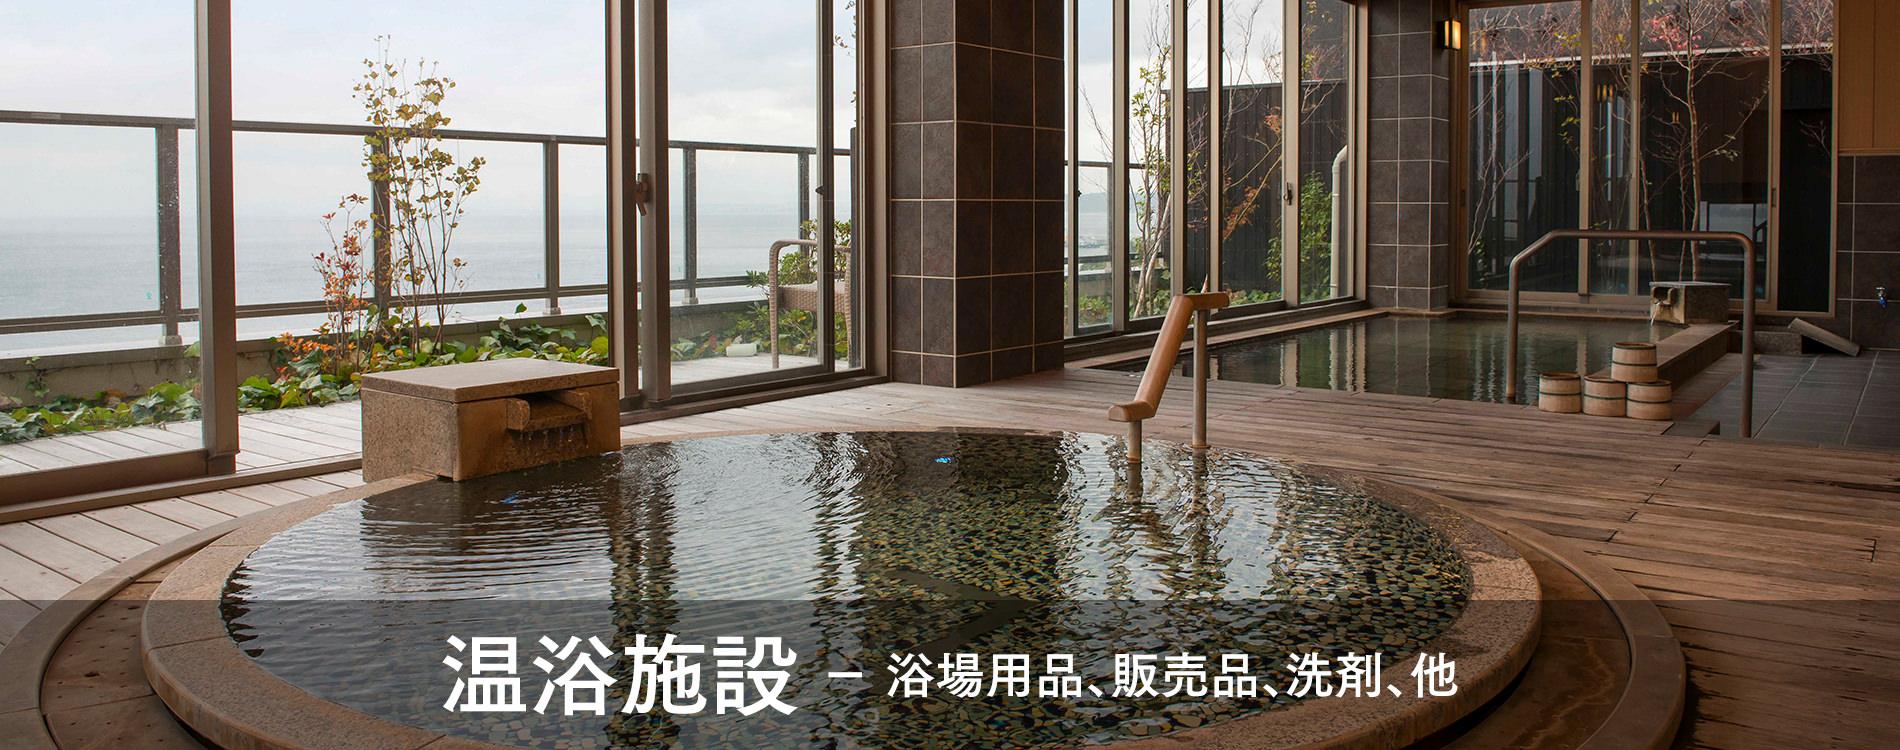 温浴施設 − 浴場用品、販売品、洗剤、他